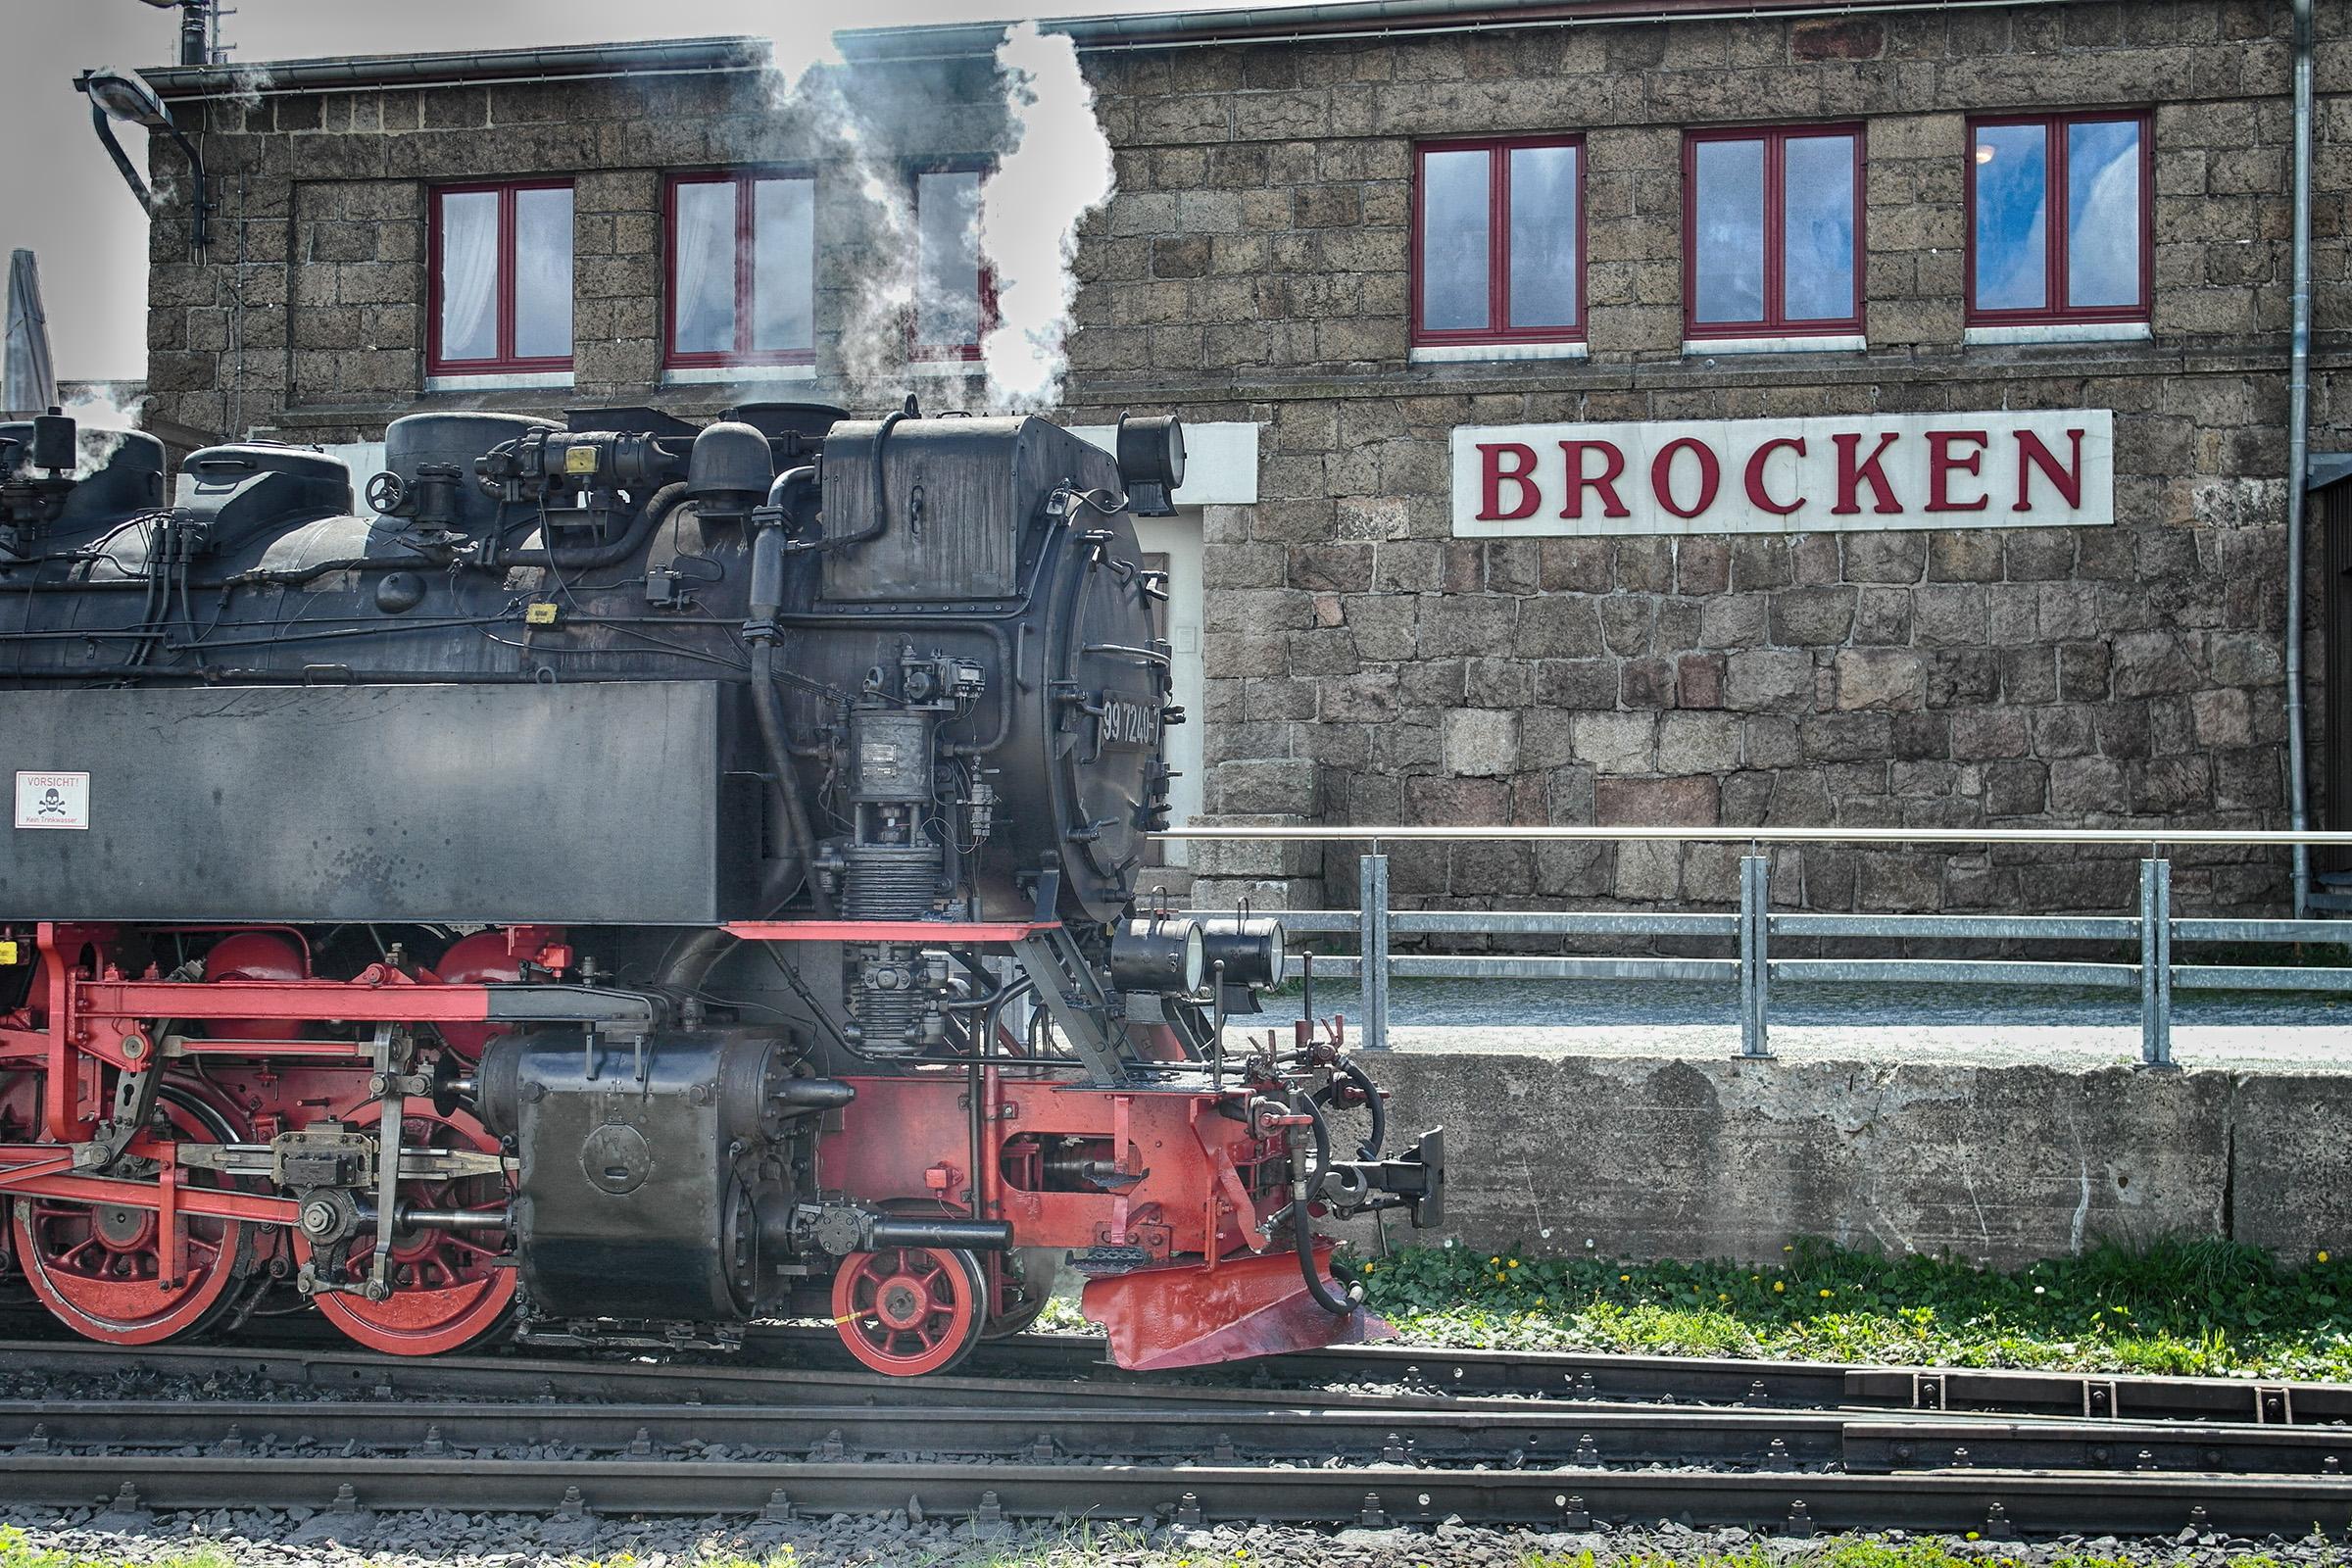 Brocken Bahn an der Haltestelle Brocken